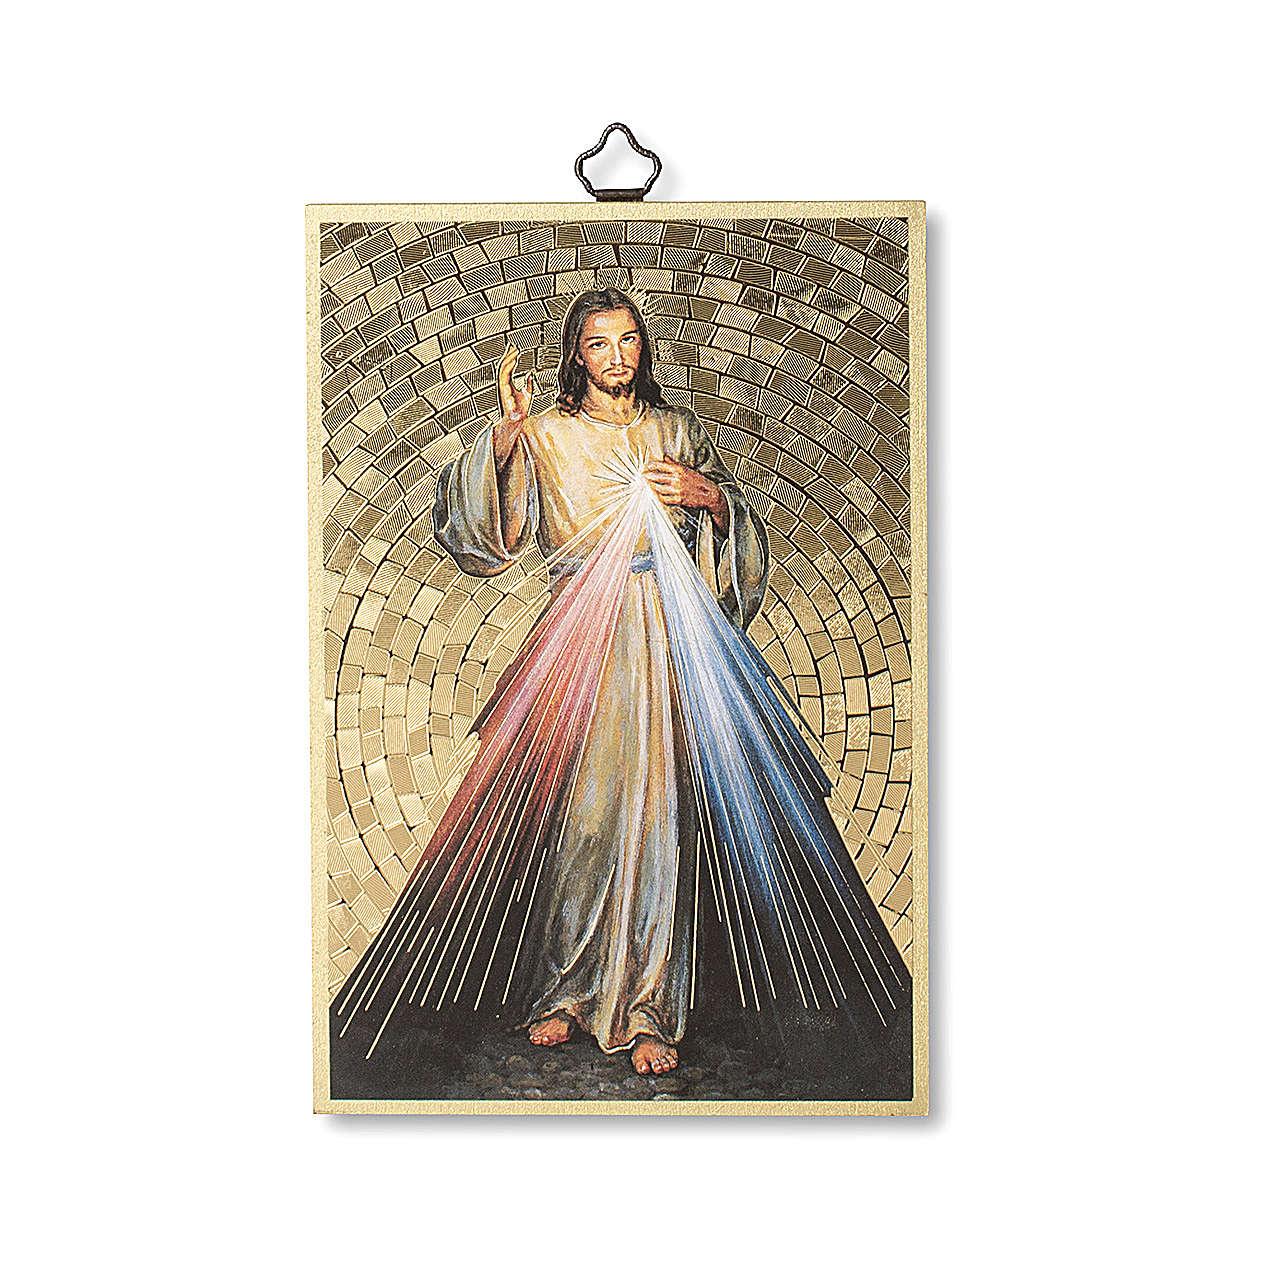 Stampa su legno Gesù Misericordioso Coroncina alla Divina Misericordia ITA 3